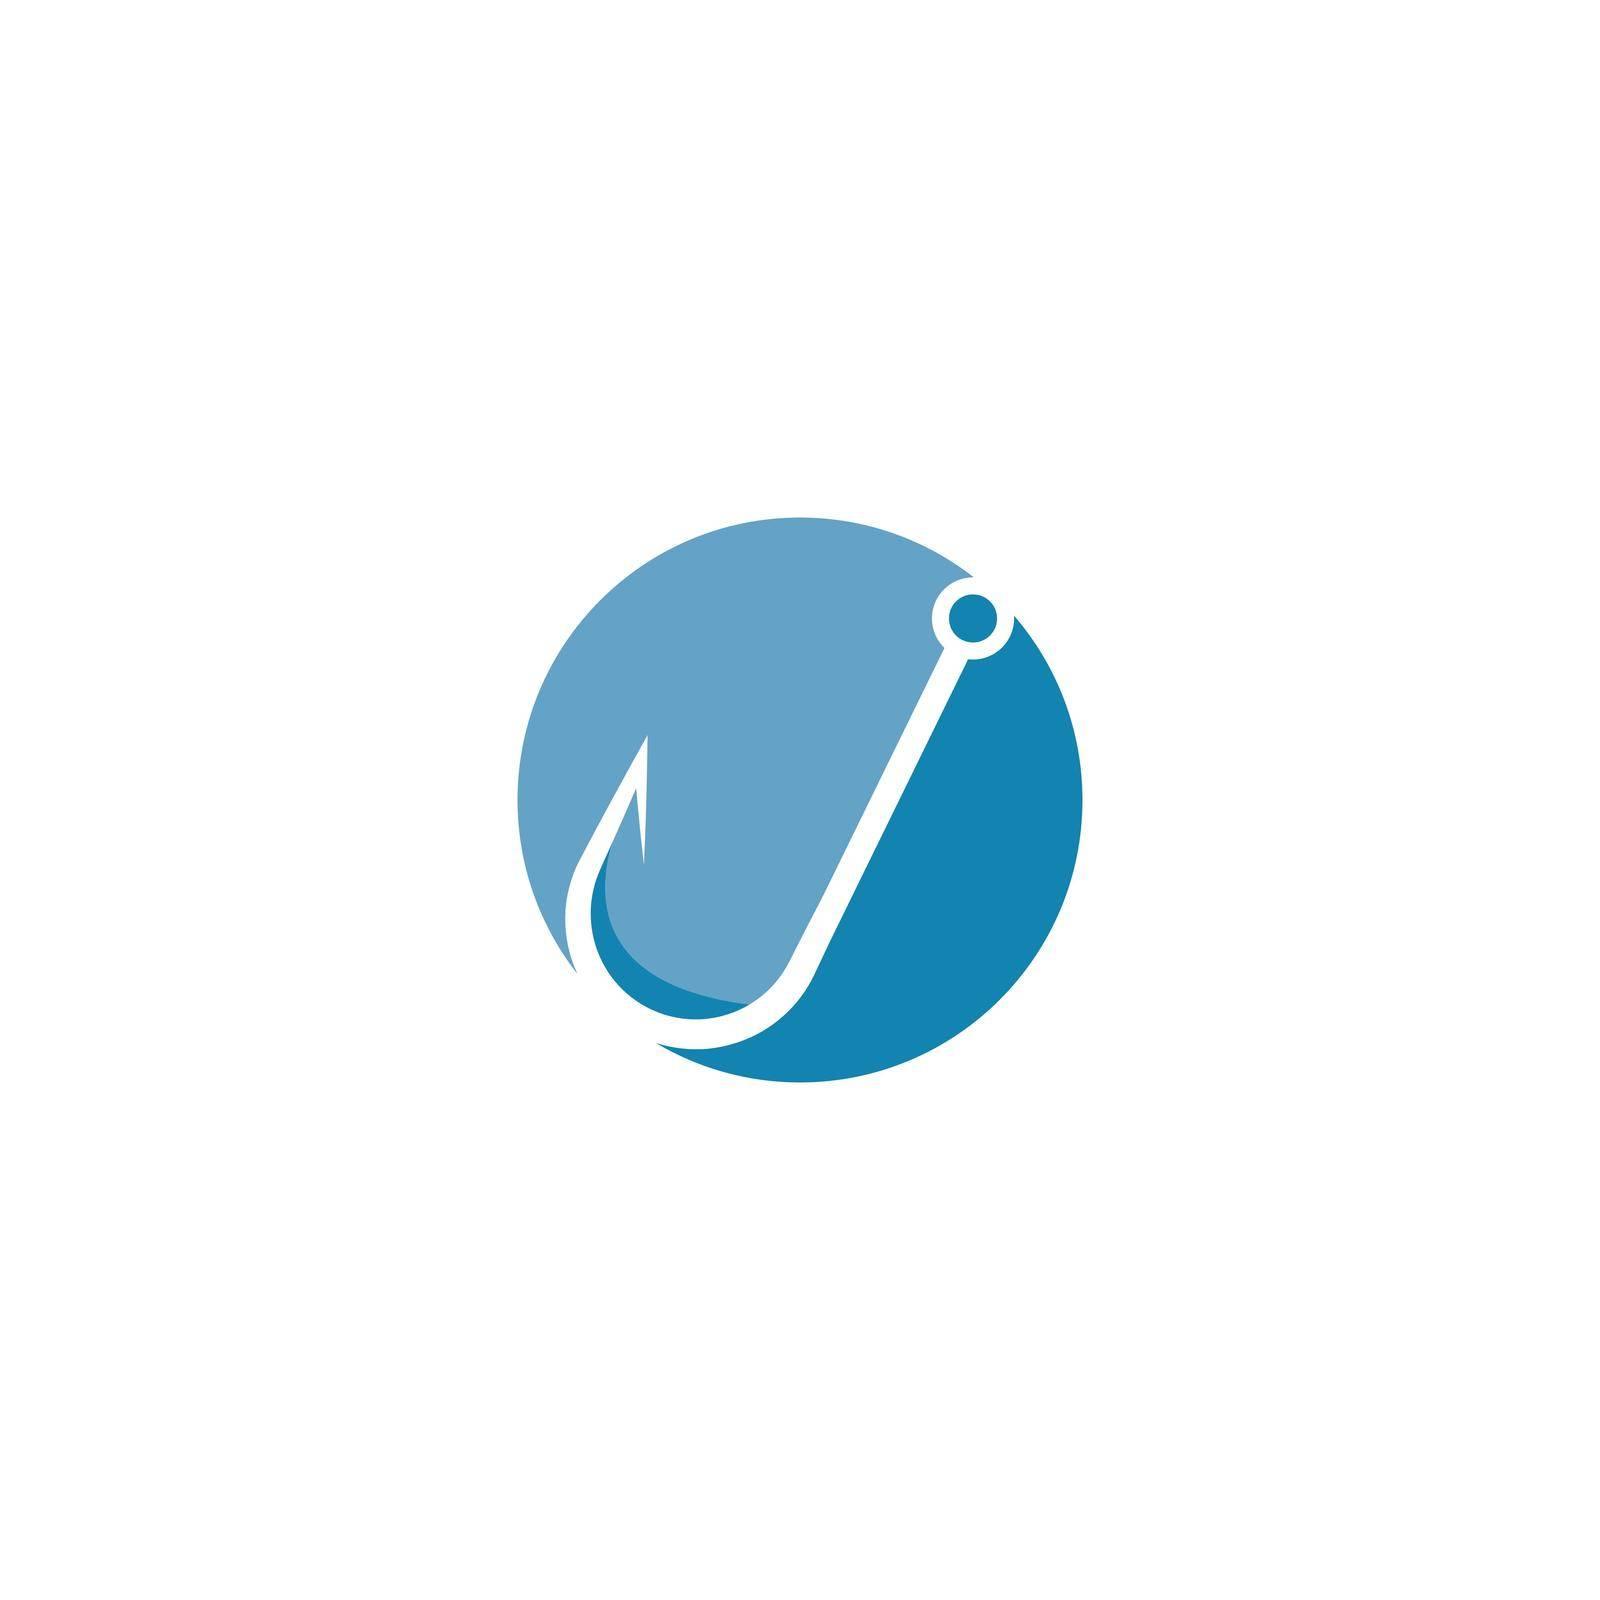 Fish hook icon vector design